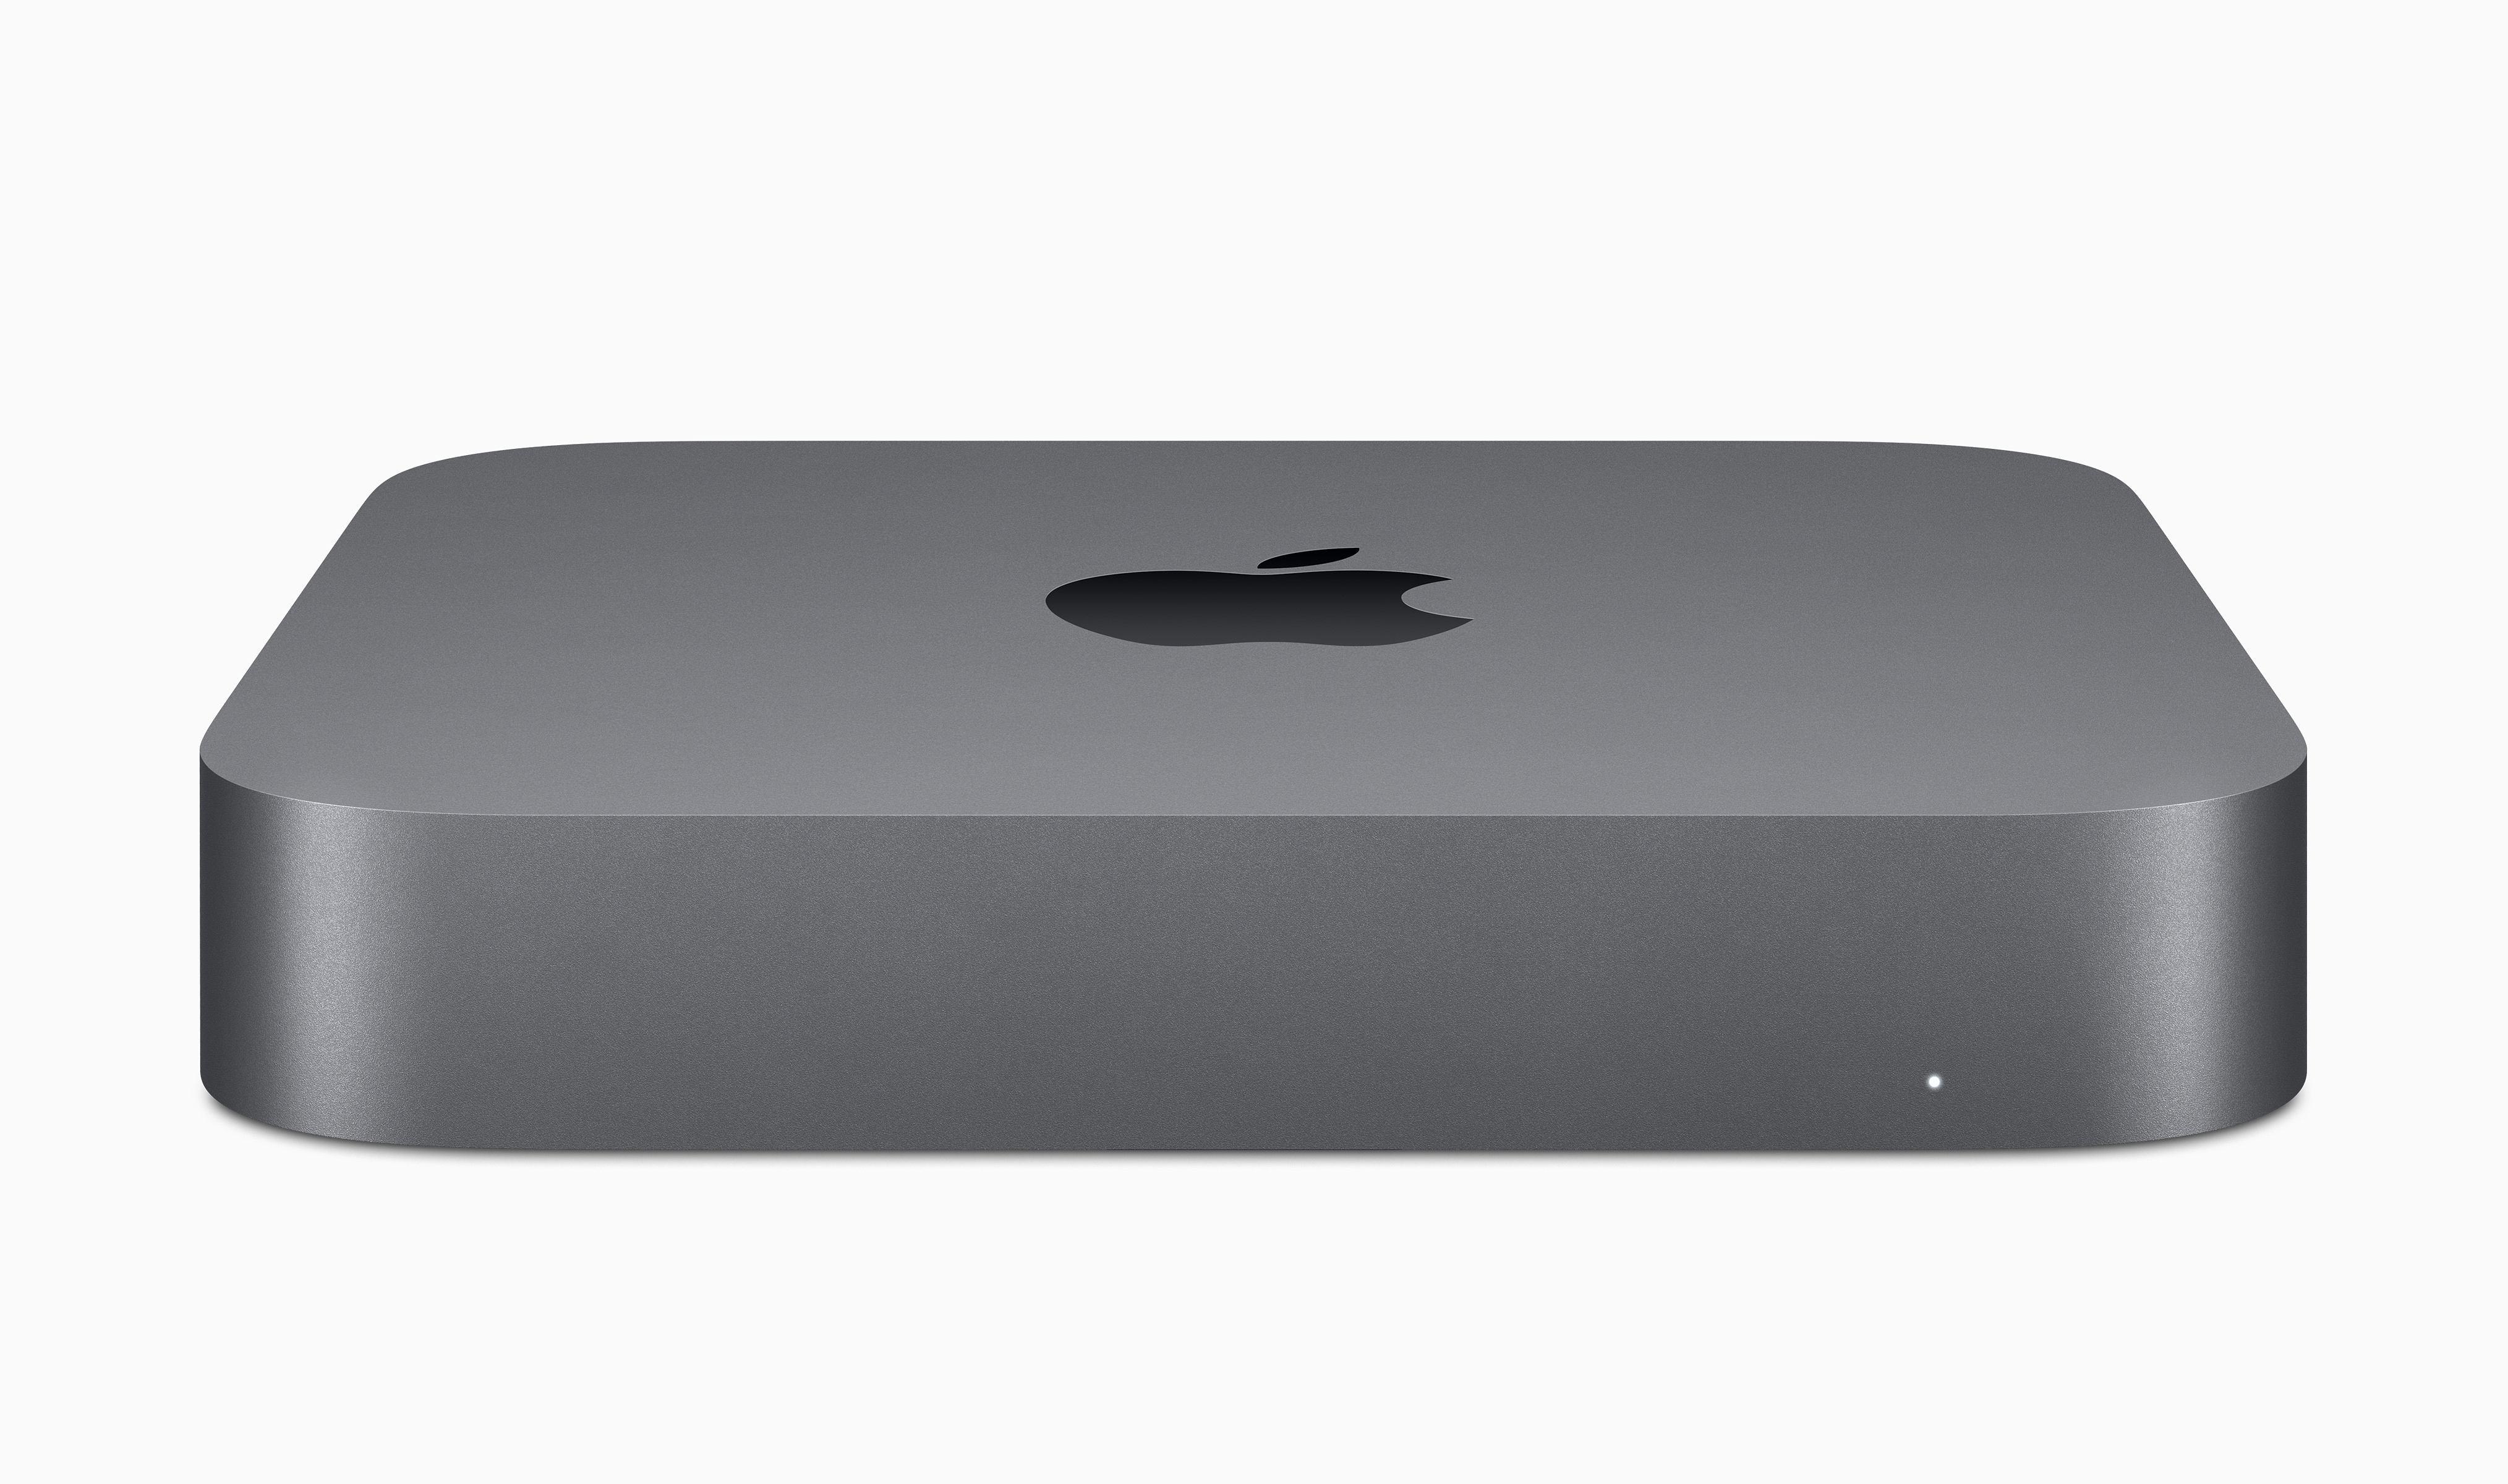 2488807-Apple-Mac-mini-Intel-Core-i3-di-ottava-generazione-8-GB-DDR4-SDRAM-256